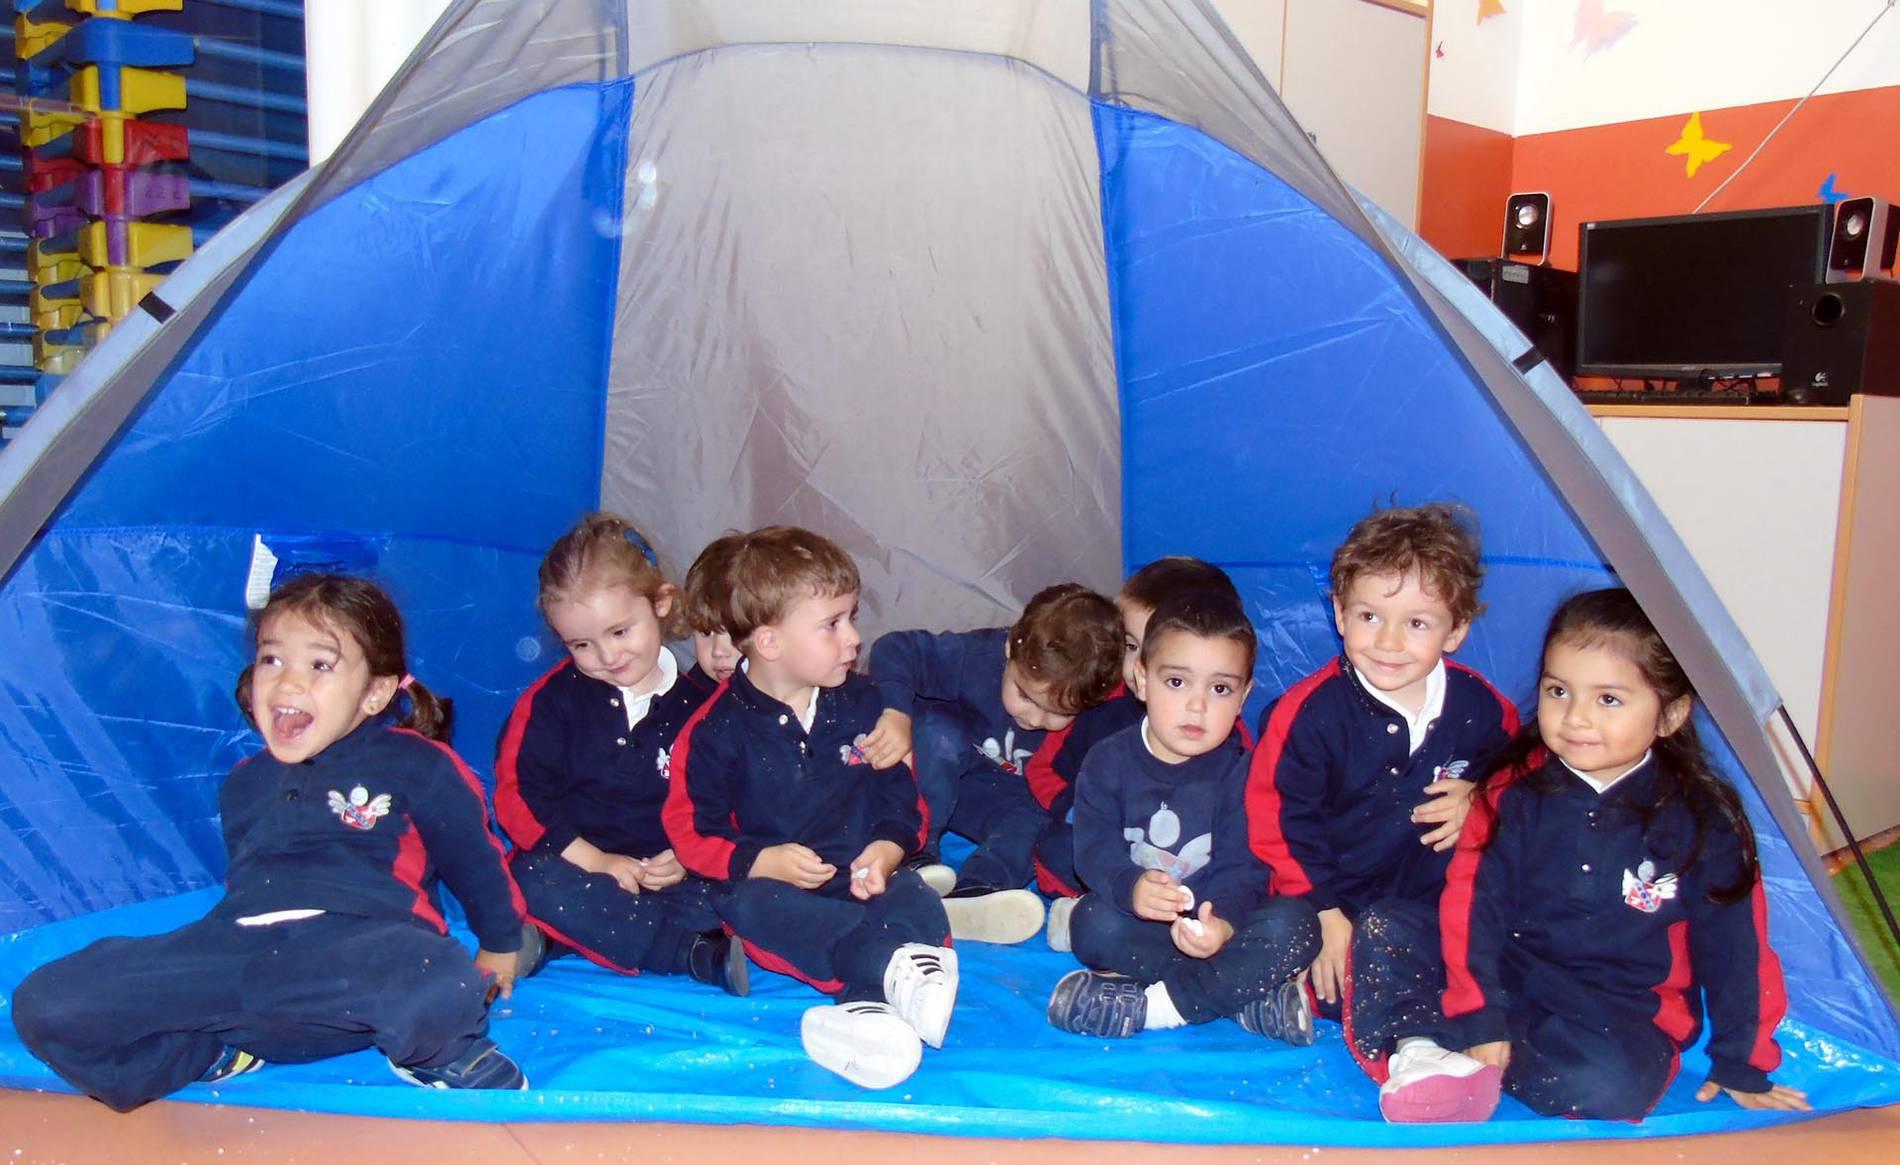 Colegio Irabia-Izaga (1/34) - Estudiantes del colegio Irabia-izaga - Navarra -